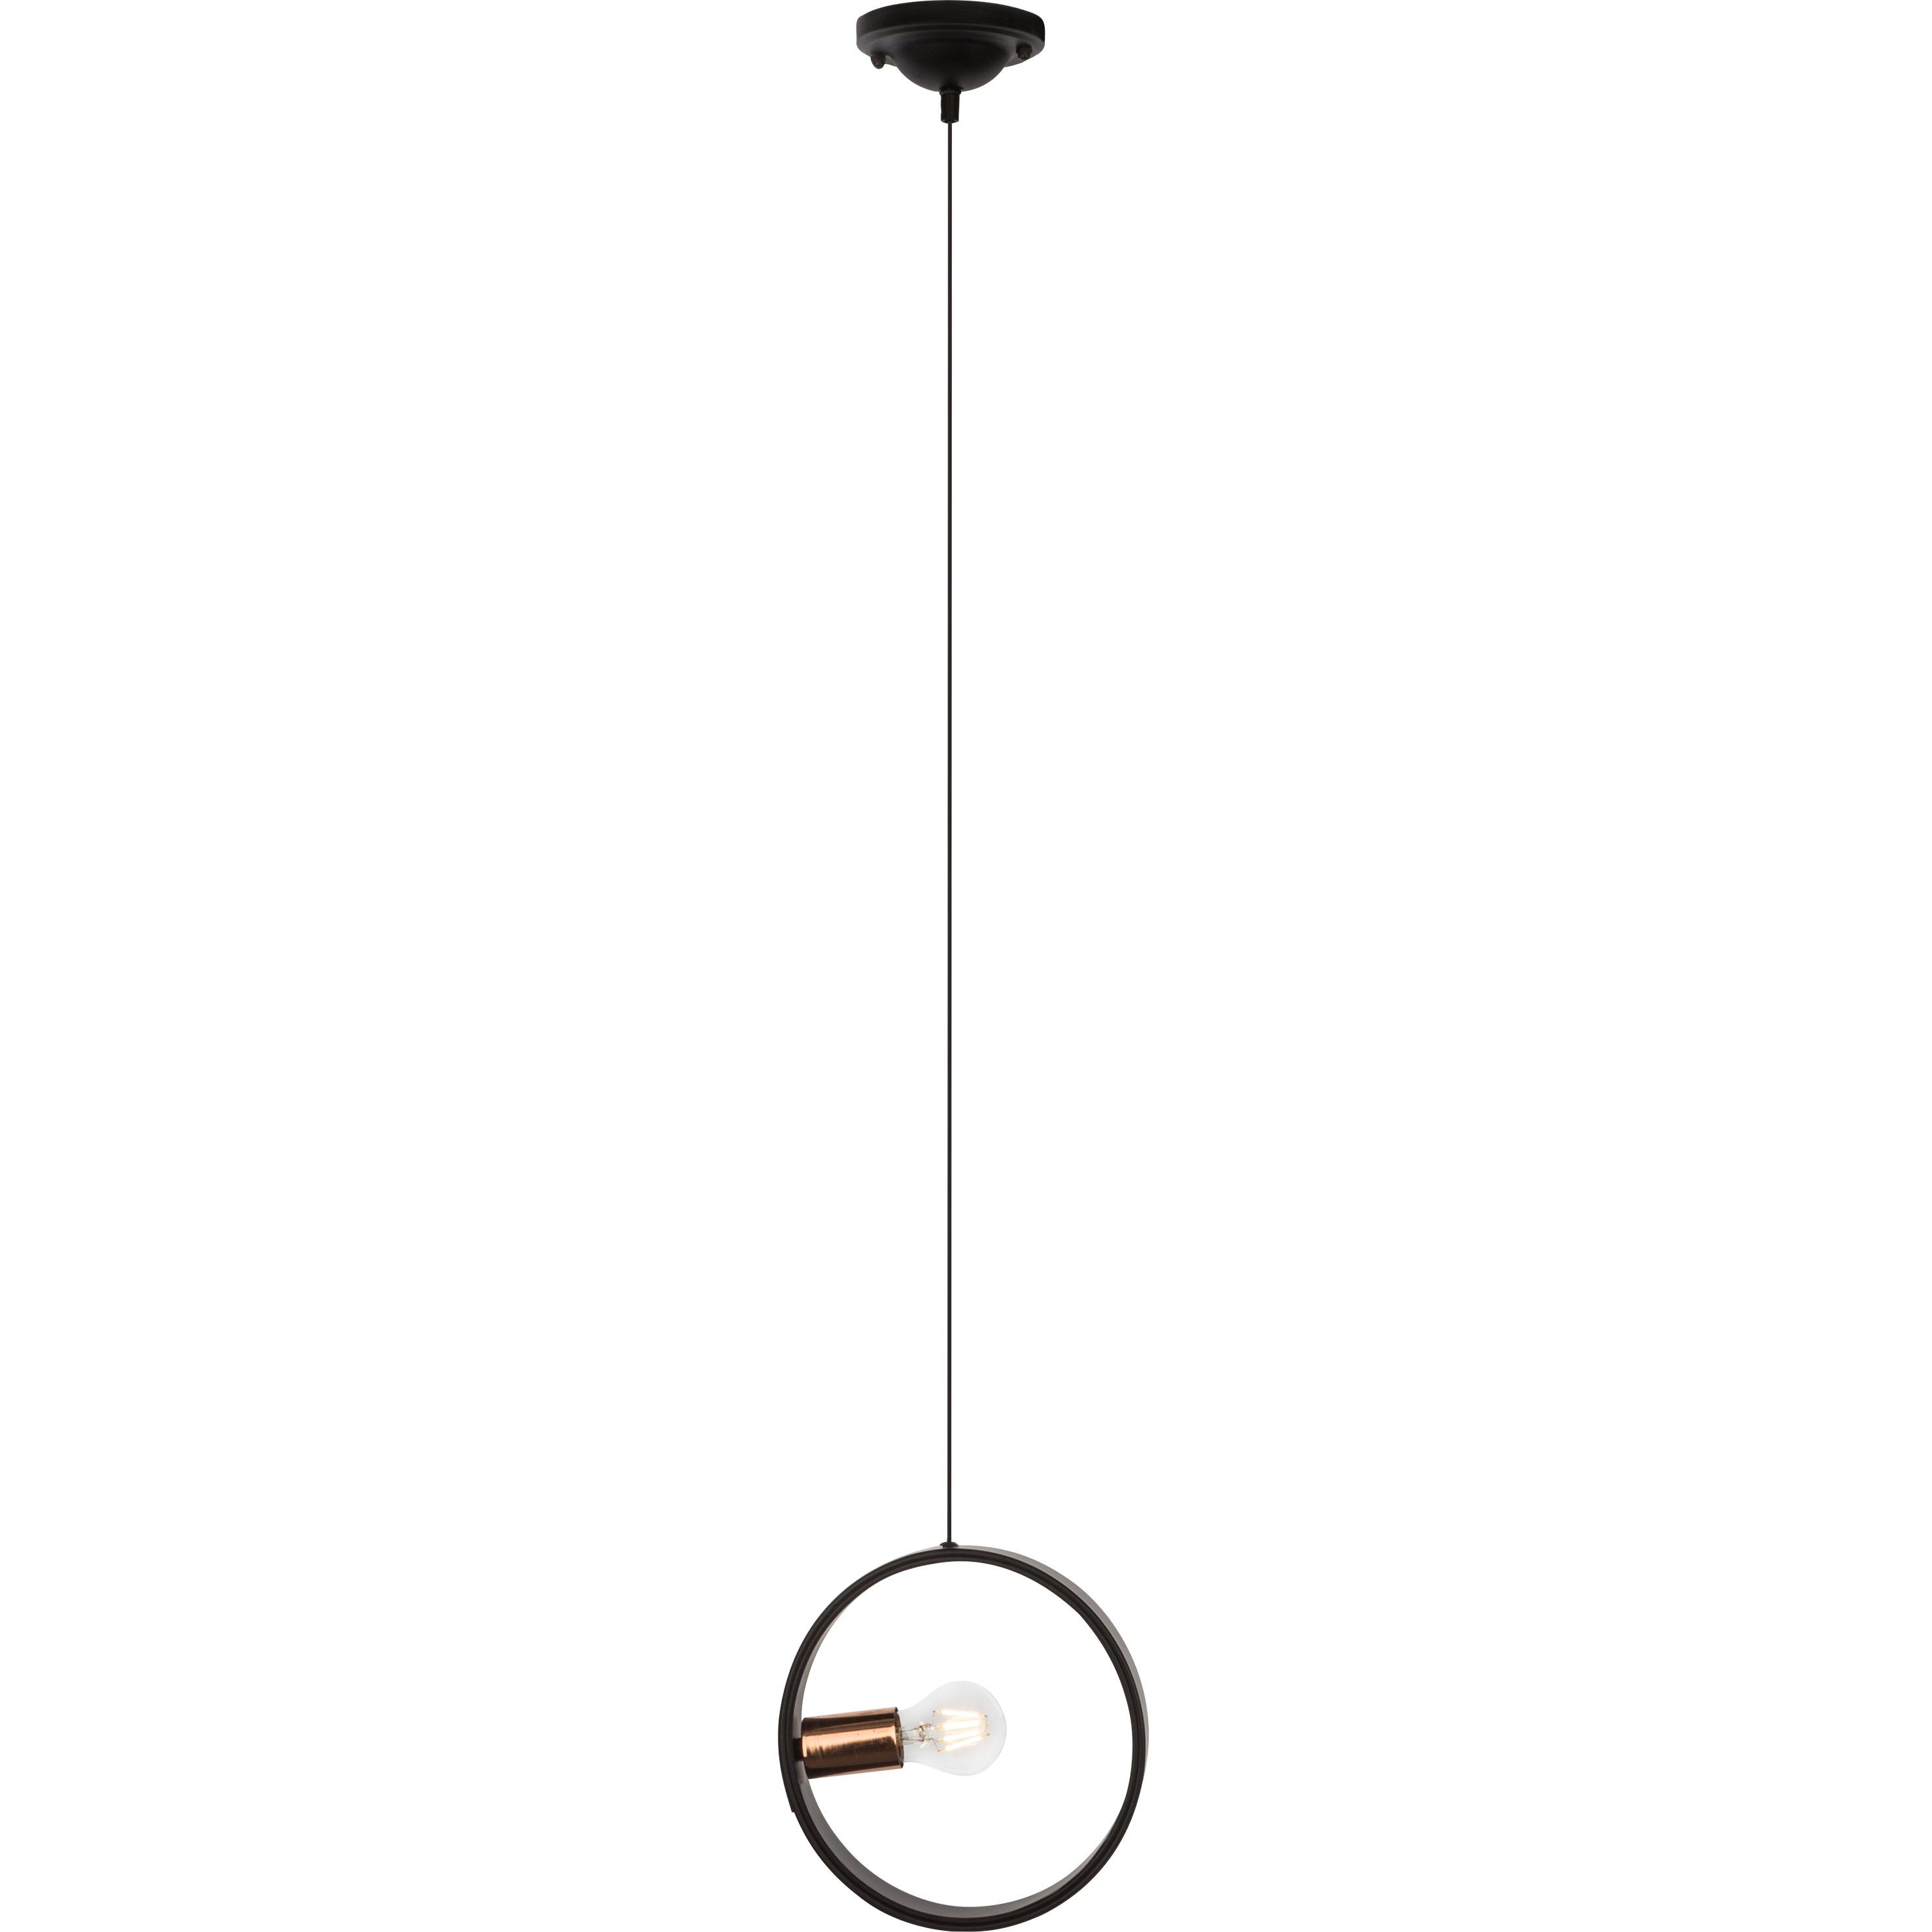 Brilliant Leuchten Coriolis Pendelleuchte, 1-flammig schwarz/kupfer